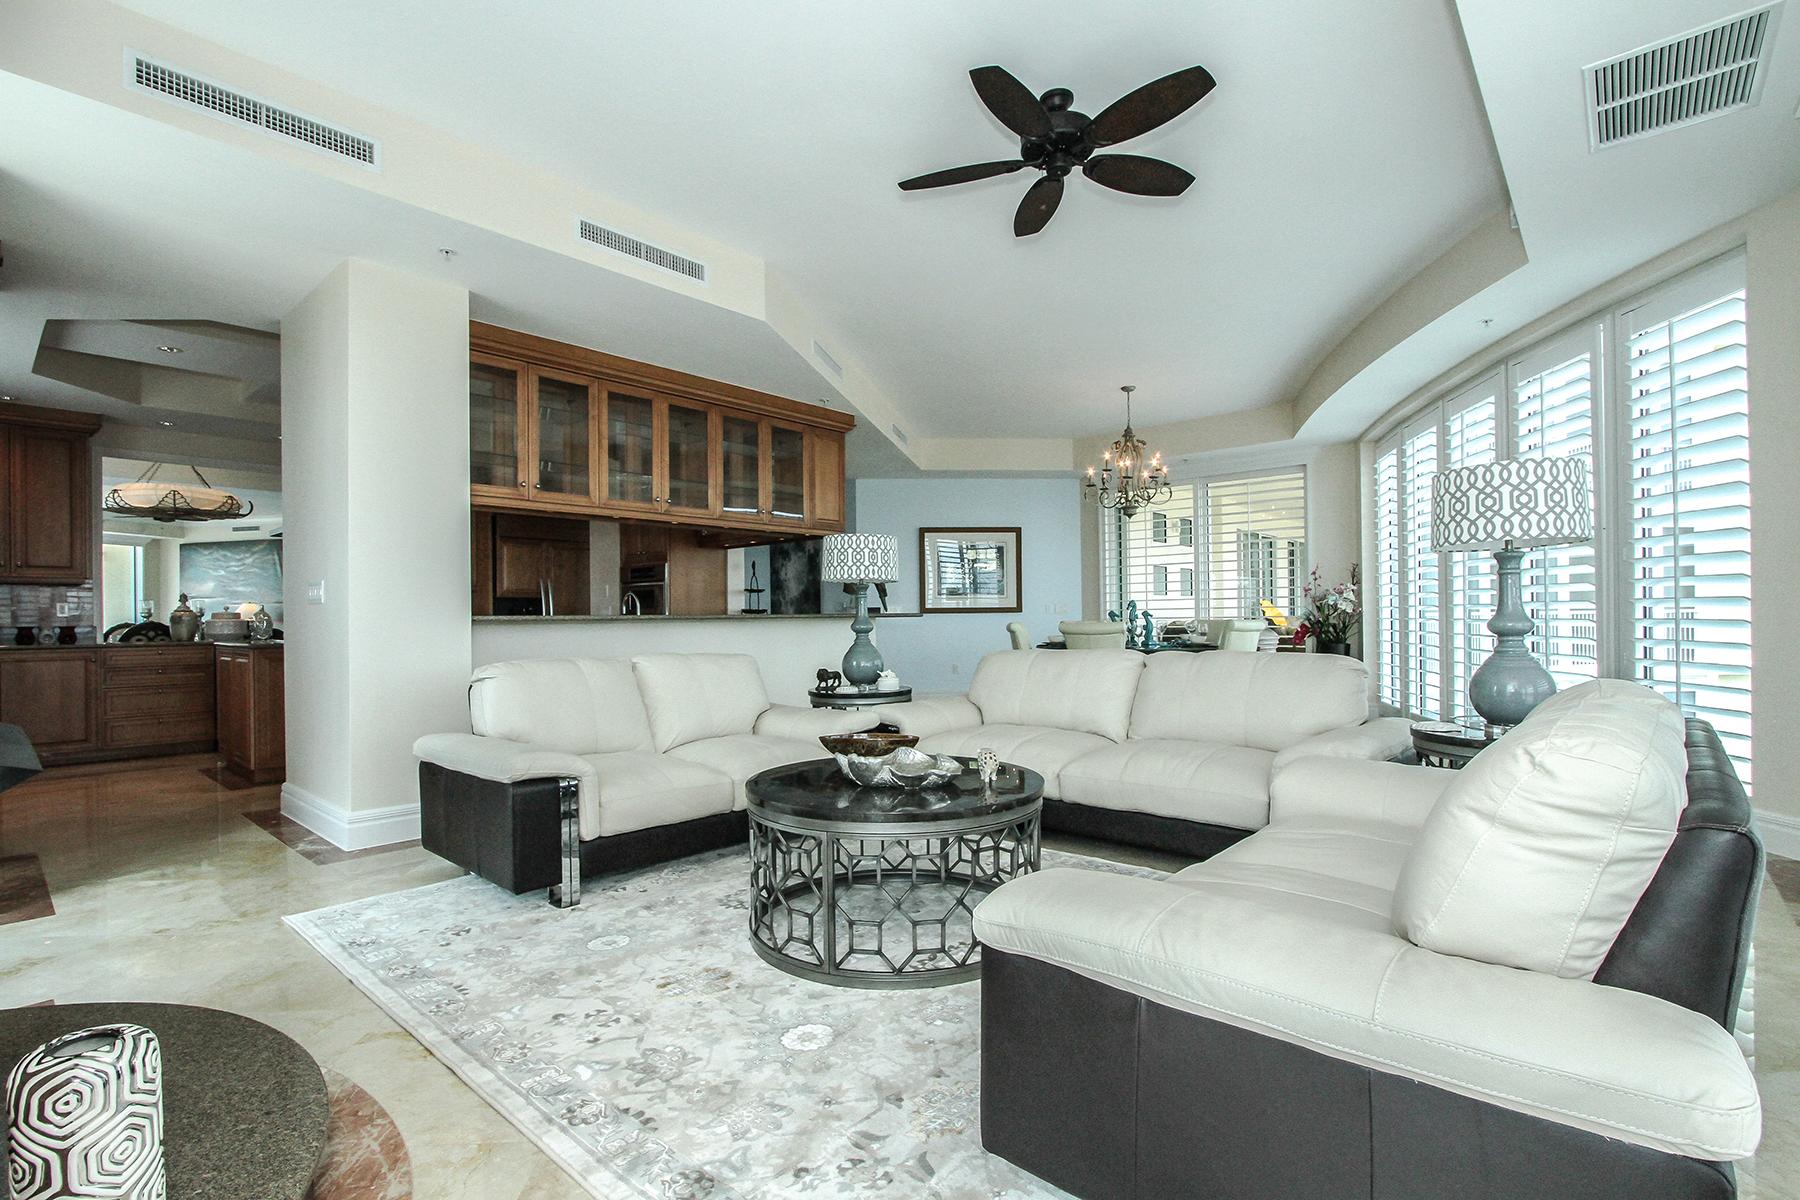 Condominium for Rent at PARK SHORE - ARIA 4501 Gulf Shore Blvd N 1601, Naples, Florida 34103 United States